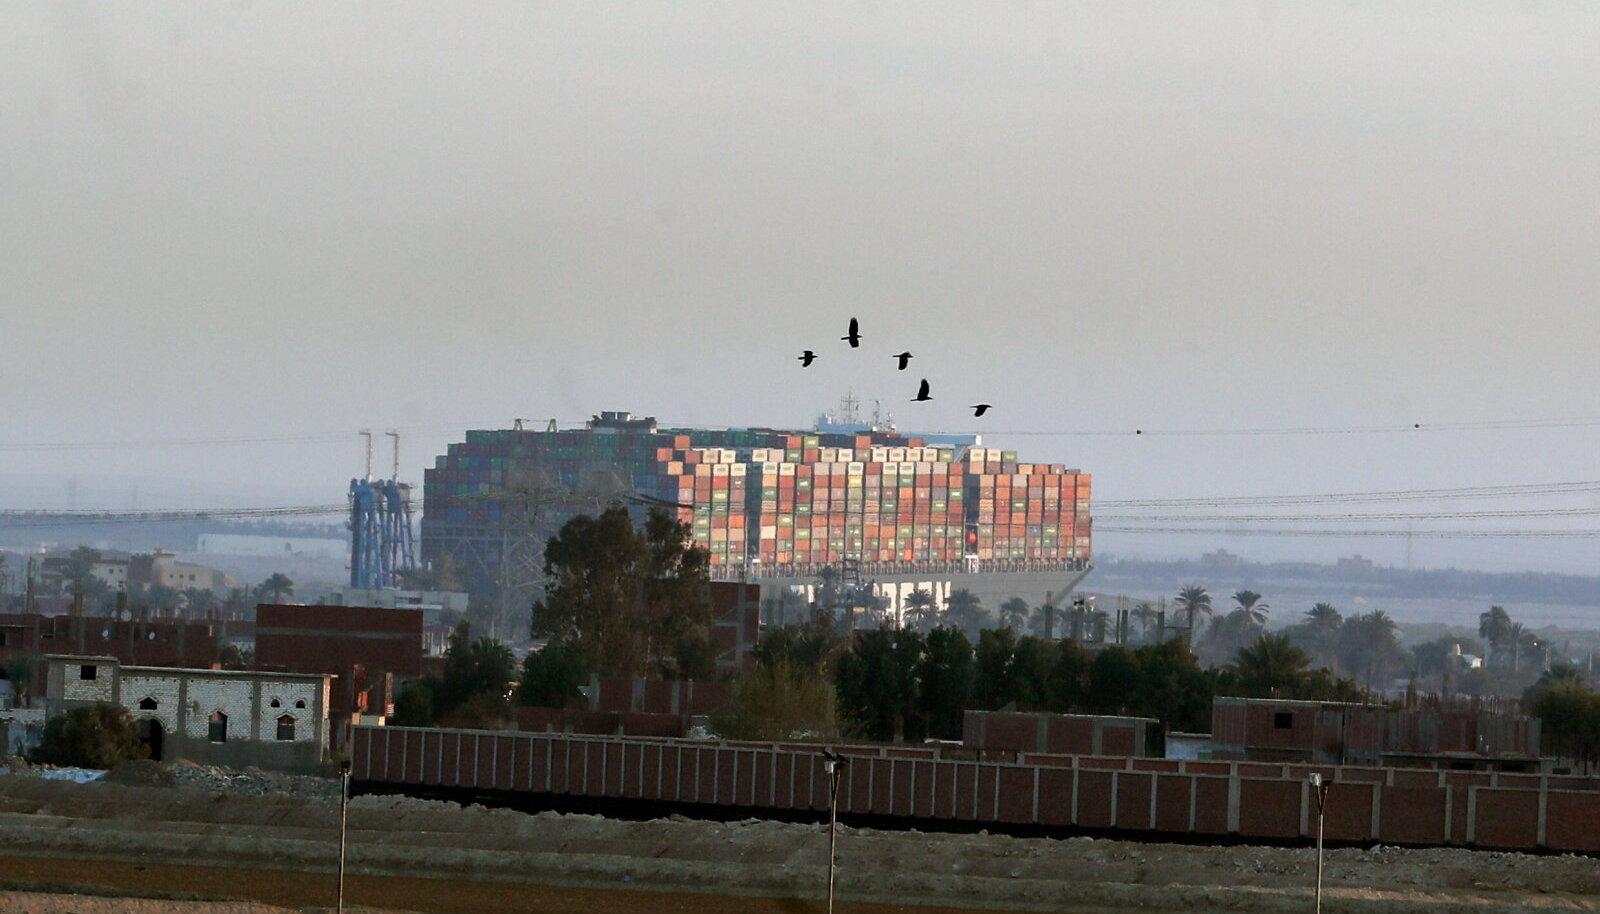 Hiiglaslik konteinerlaev seiskas liikumise Suessi kanalis